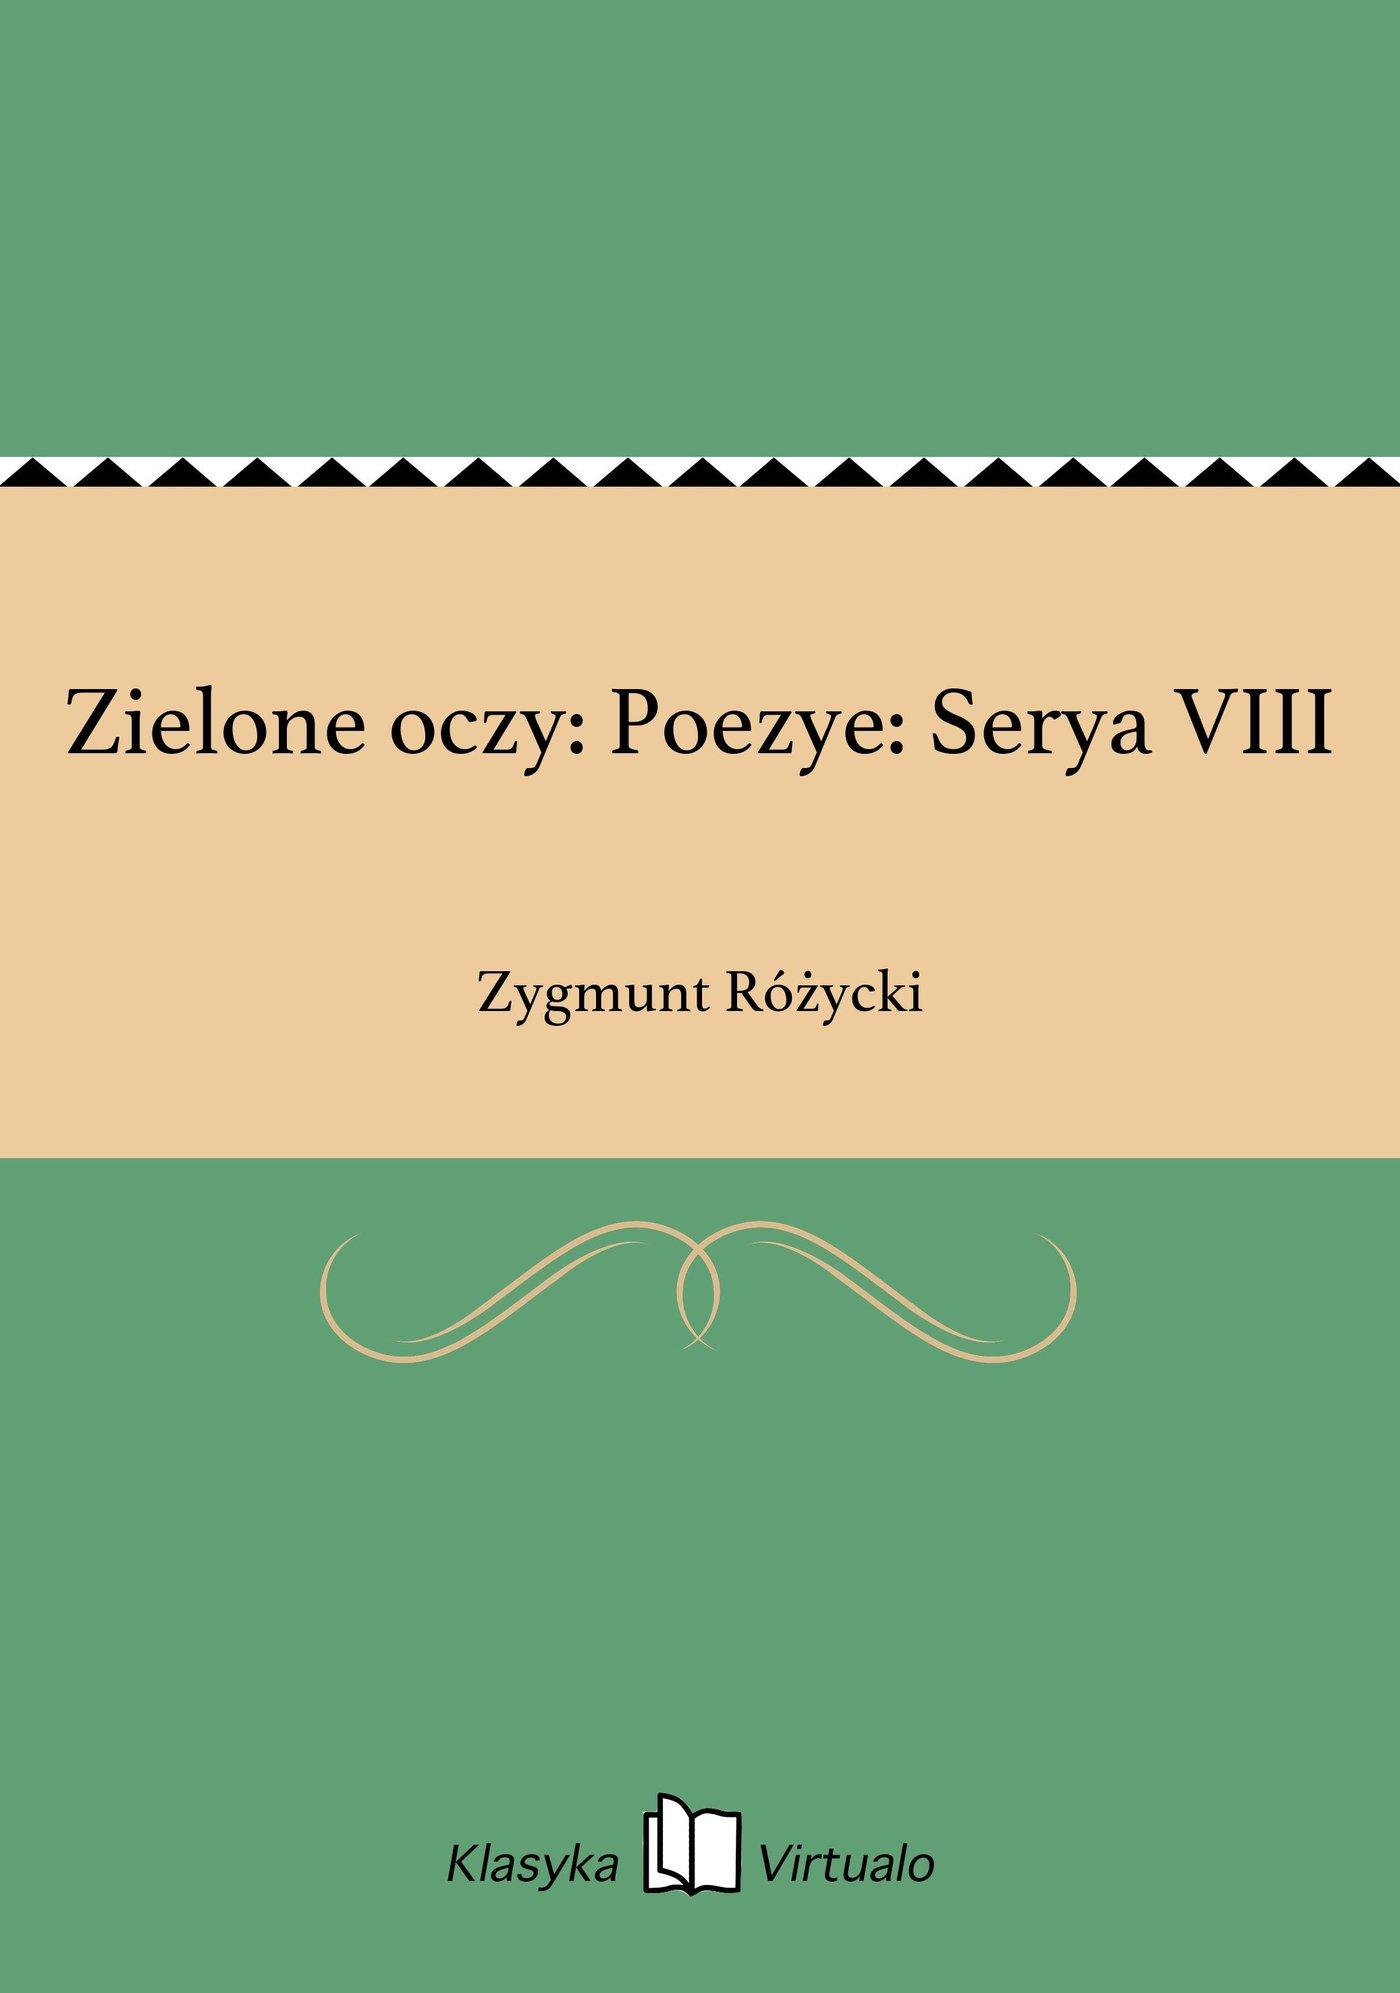 Zielone oczy: Poezye: Serya VIII - Ebook (Książka EPUB) do pobrania w formacie EPUB